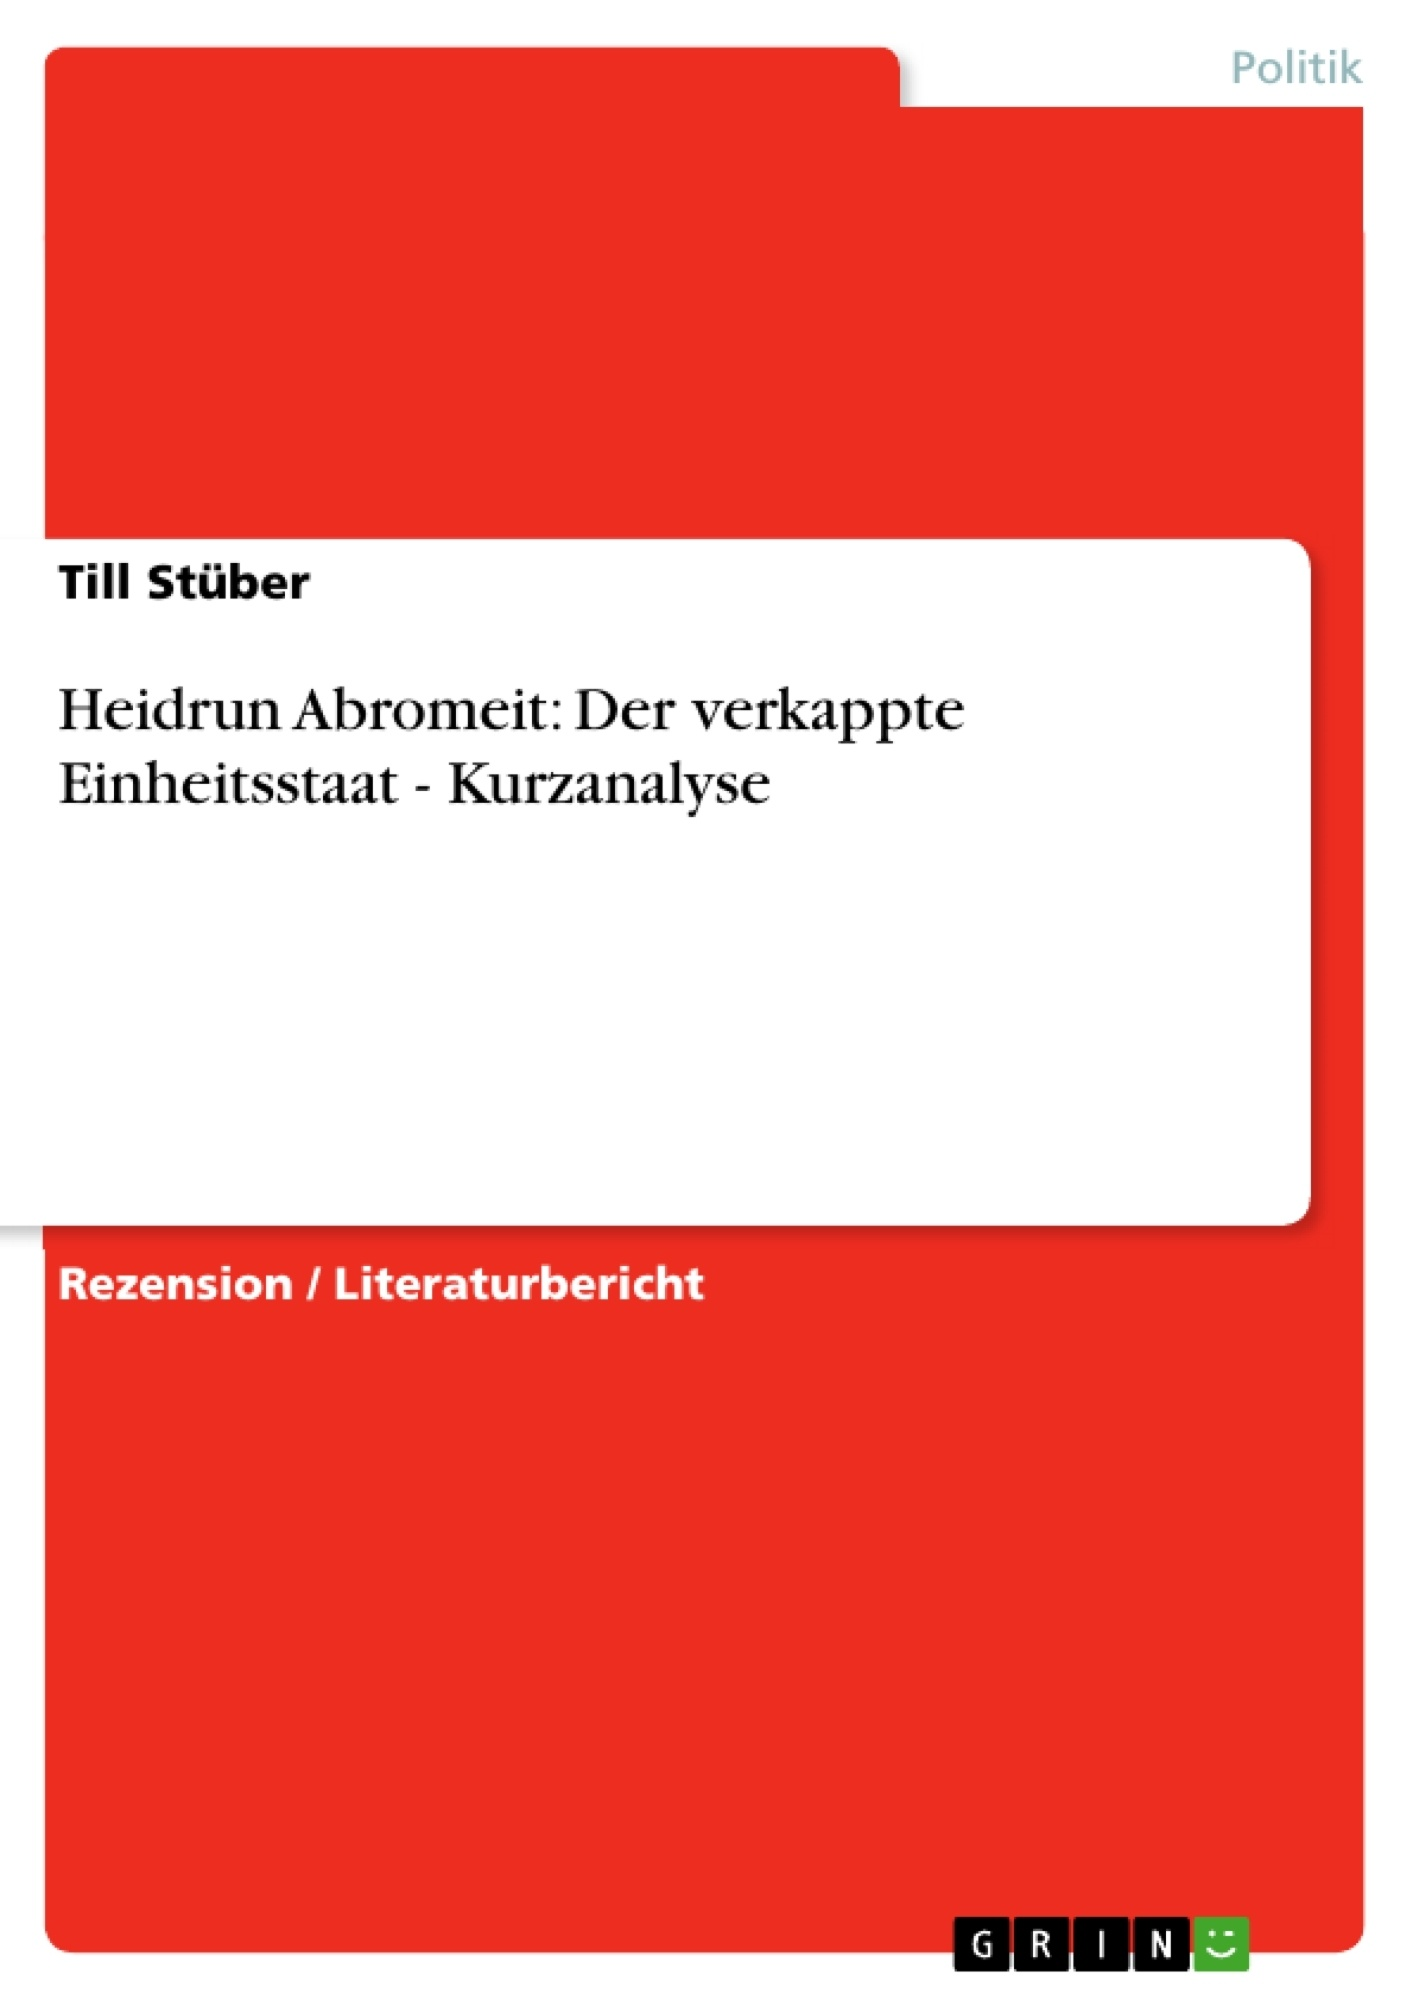 Titel: Heidrun Abromeit: Der verkappte Einheitsstaat - Kurzanalyse